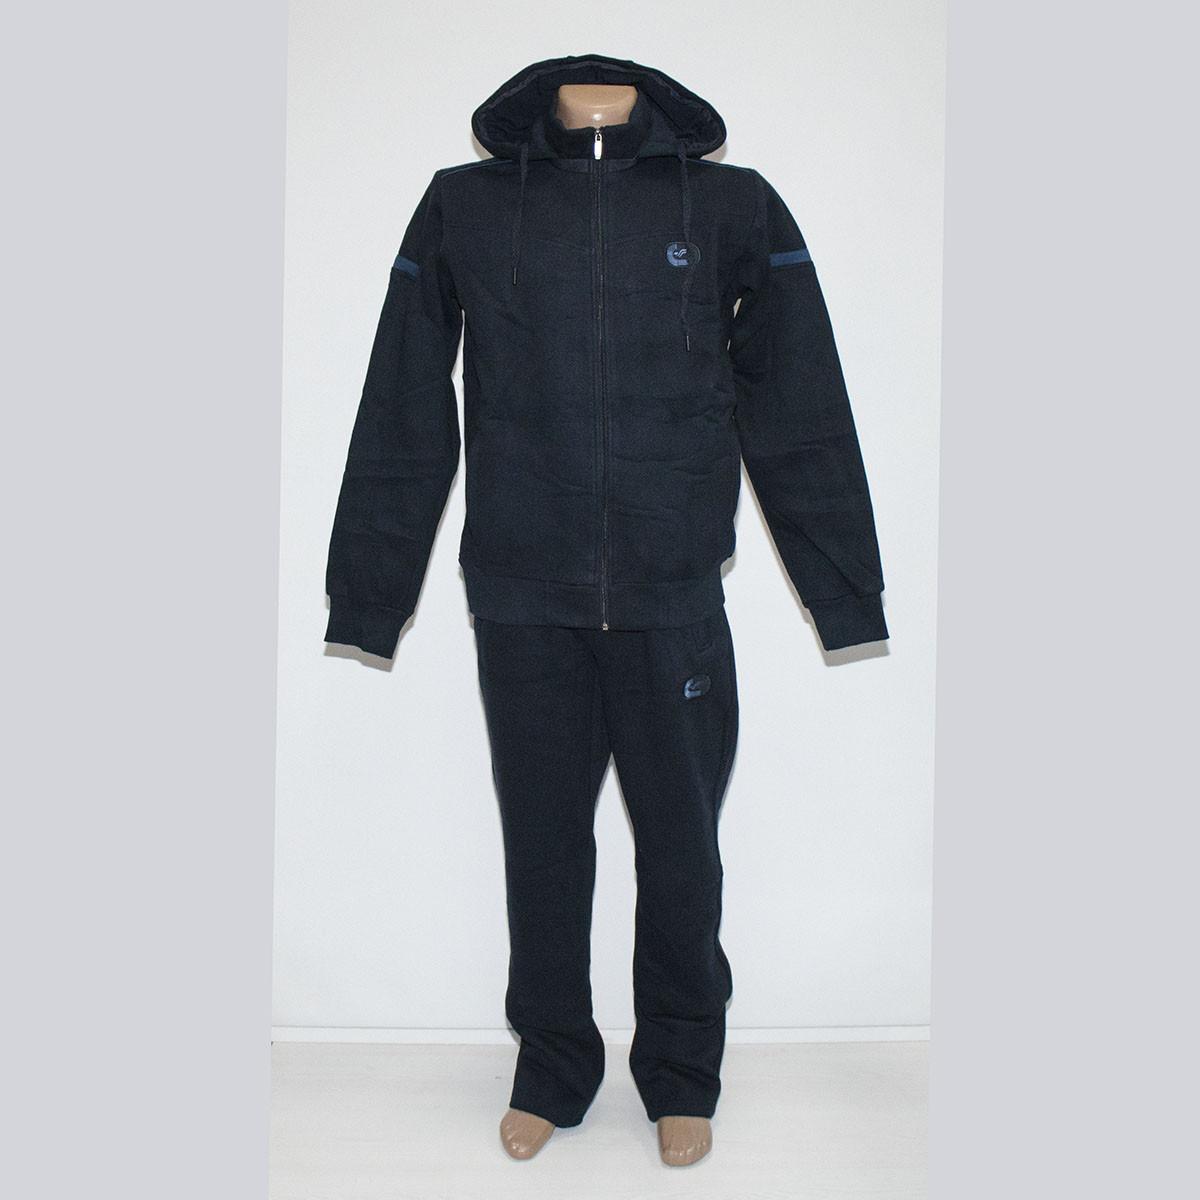 Теплый мужской спортивный костюм с капюшоном трехнитка пр-во Турция т.м. Fore 5359